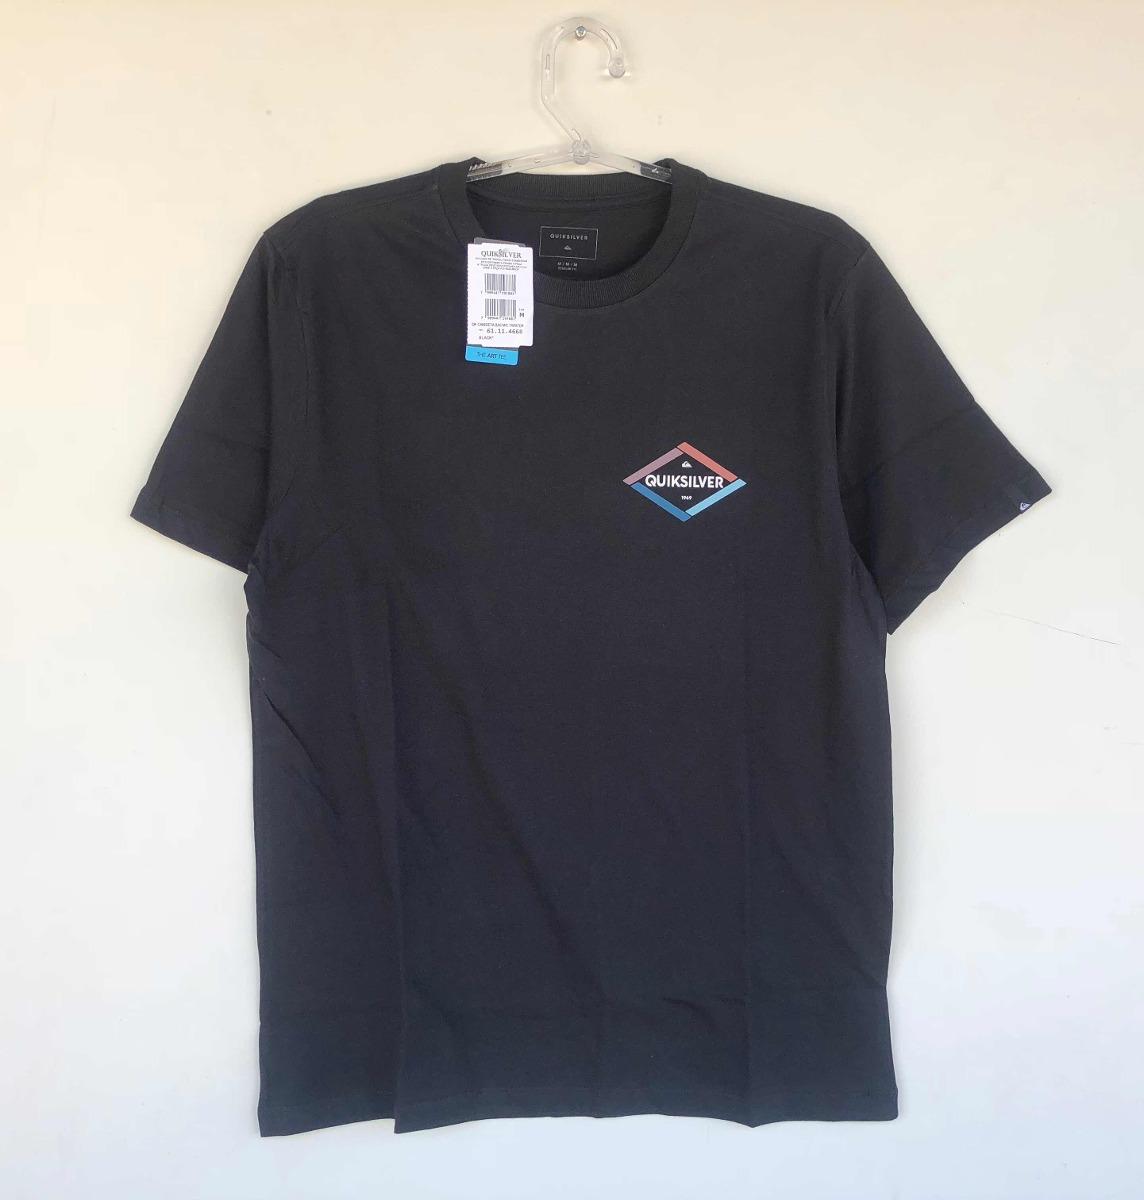 3ea5427f2fdd0 Camiseta Quiksilver Twister Verão 2018 19 - R  99,90 em Mercado Livre